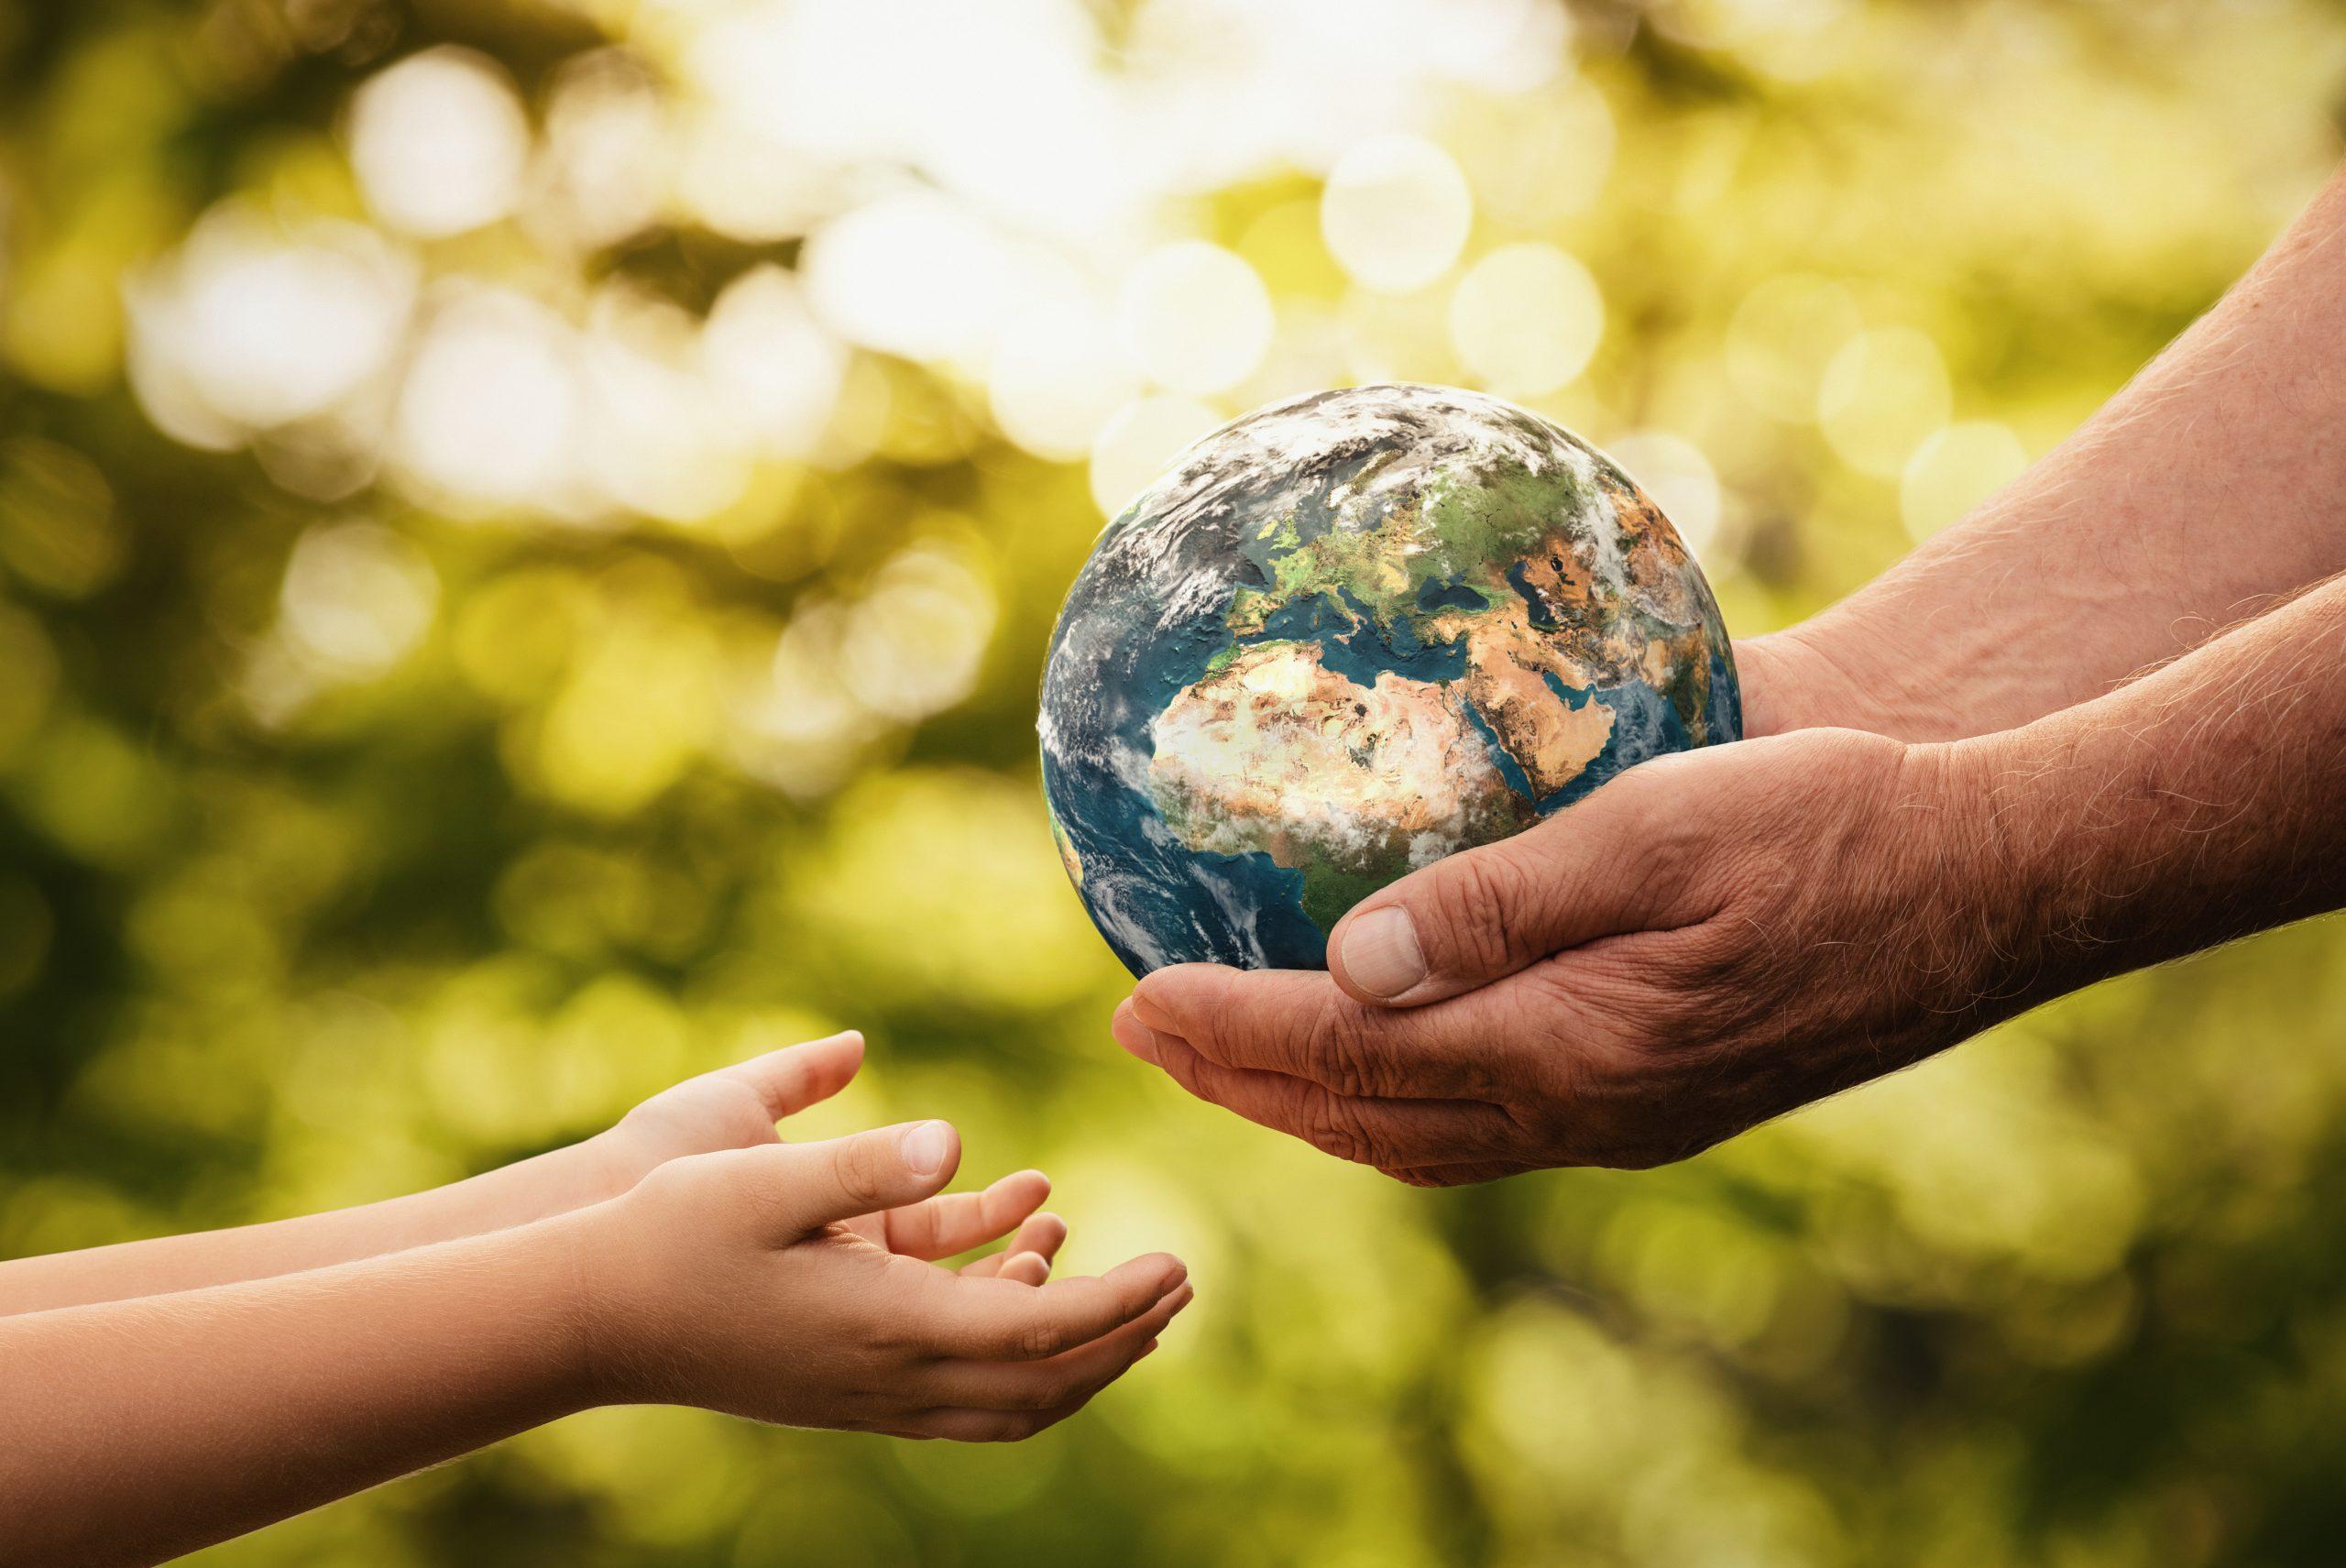 Gebt Acht auf die Welt, die nächste Generation möchte auch noch etwas davon haben